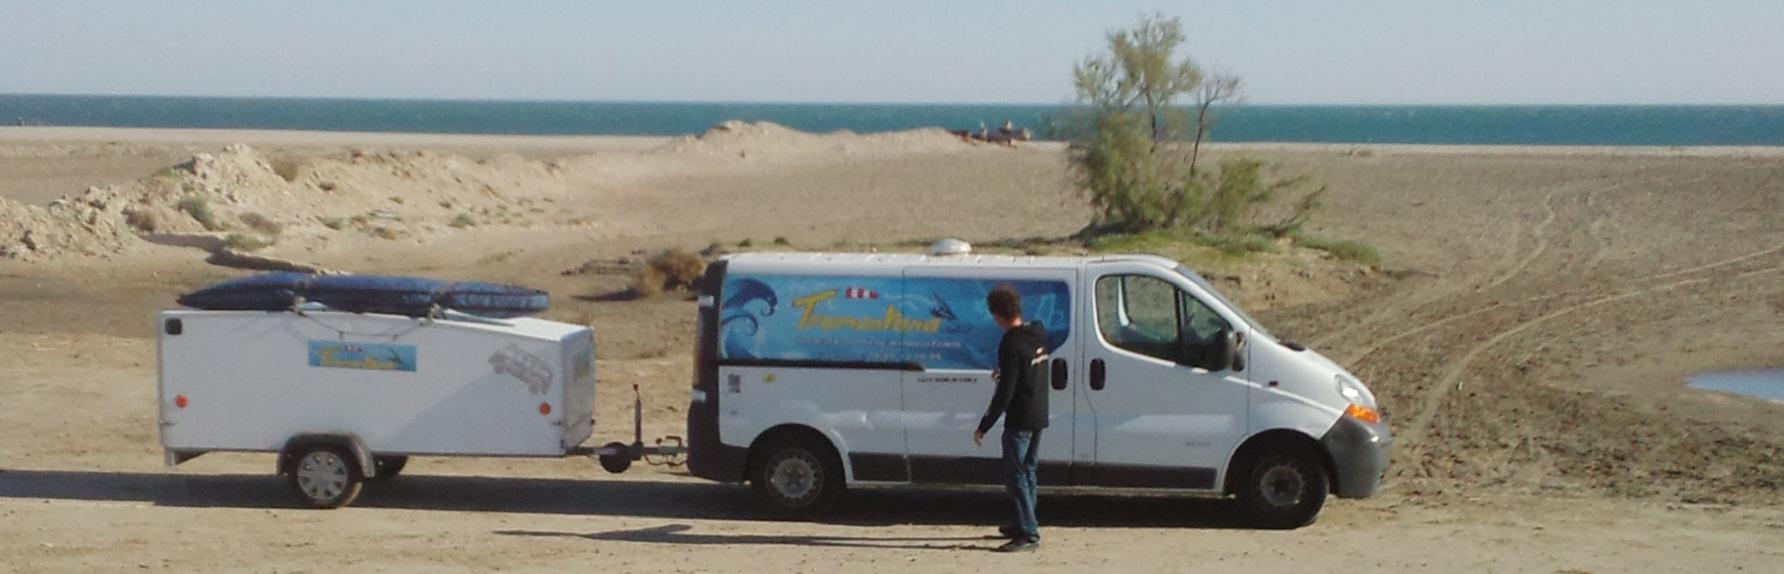 L'équipe de Tramontana Windsurf, école mobile de windsurf